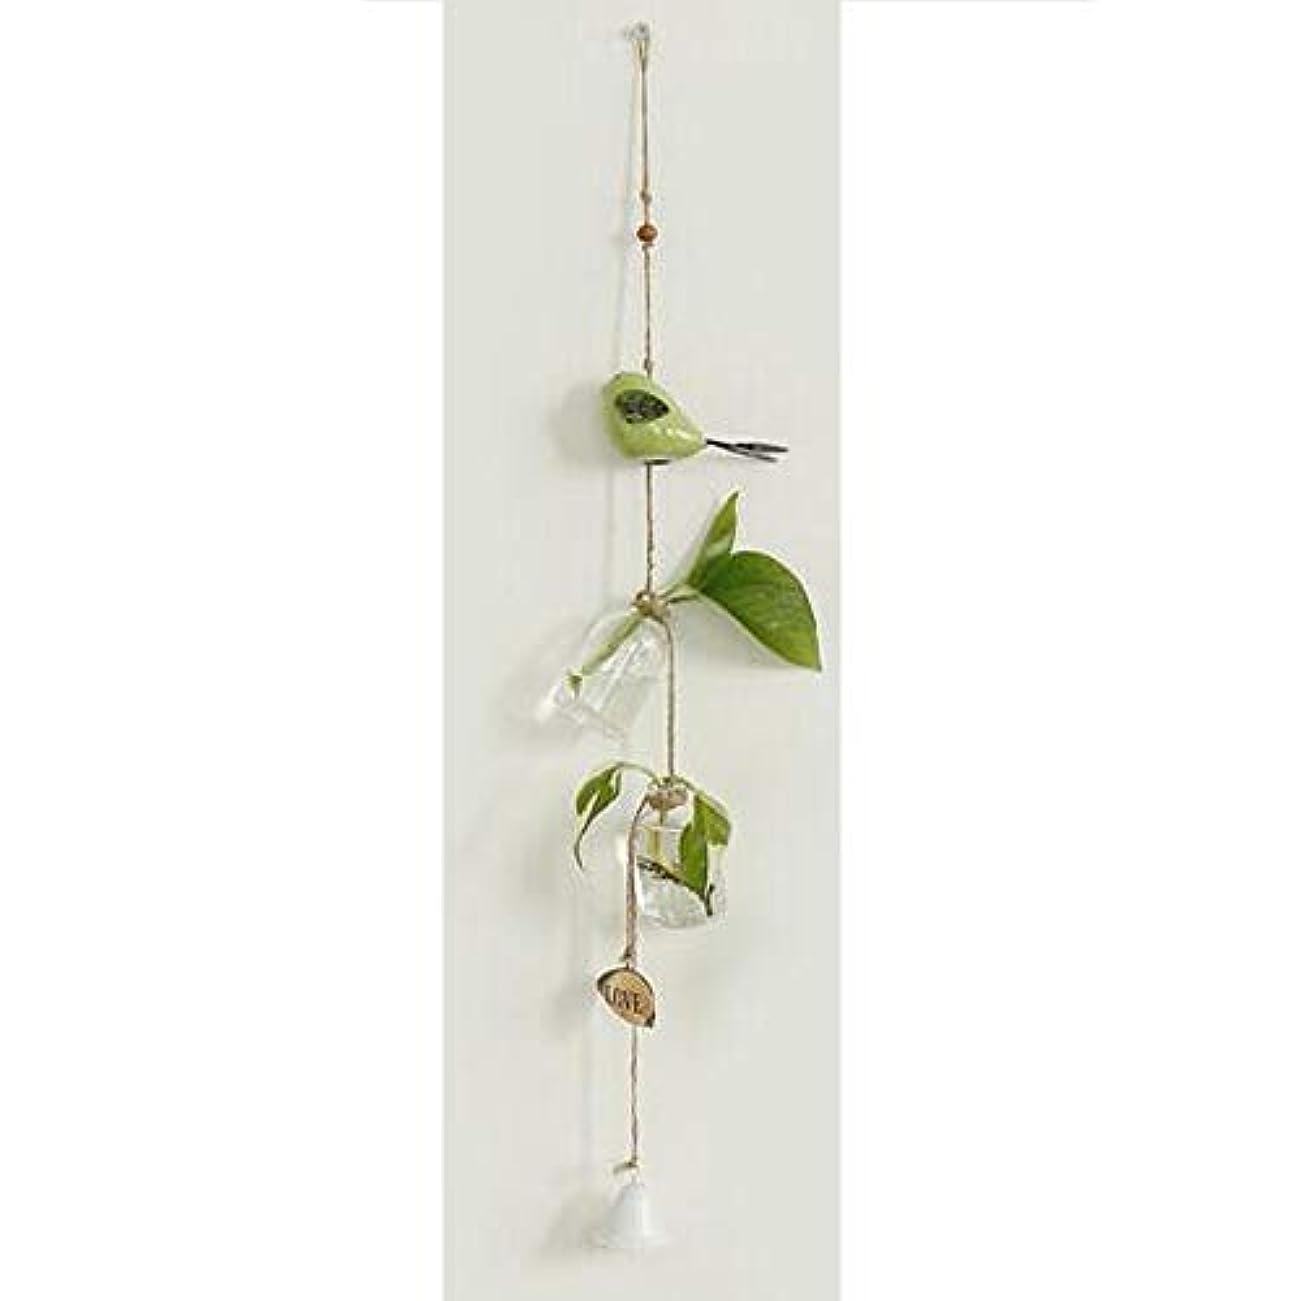 困った抑制するアシスタントKaiyitong01 風チャイム、クリエイティブ?グラス風チャイム、白、ロープの長さ63センチメートルボトル(なし植物),絶妙なファッション (Color : Green)